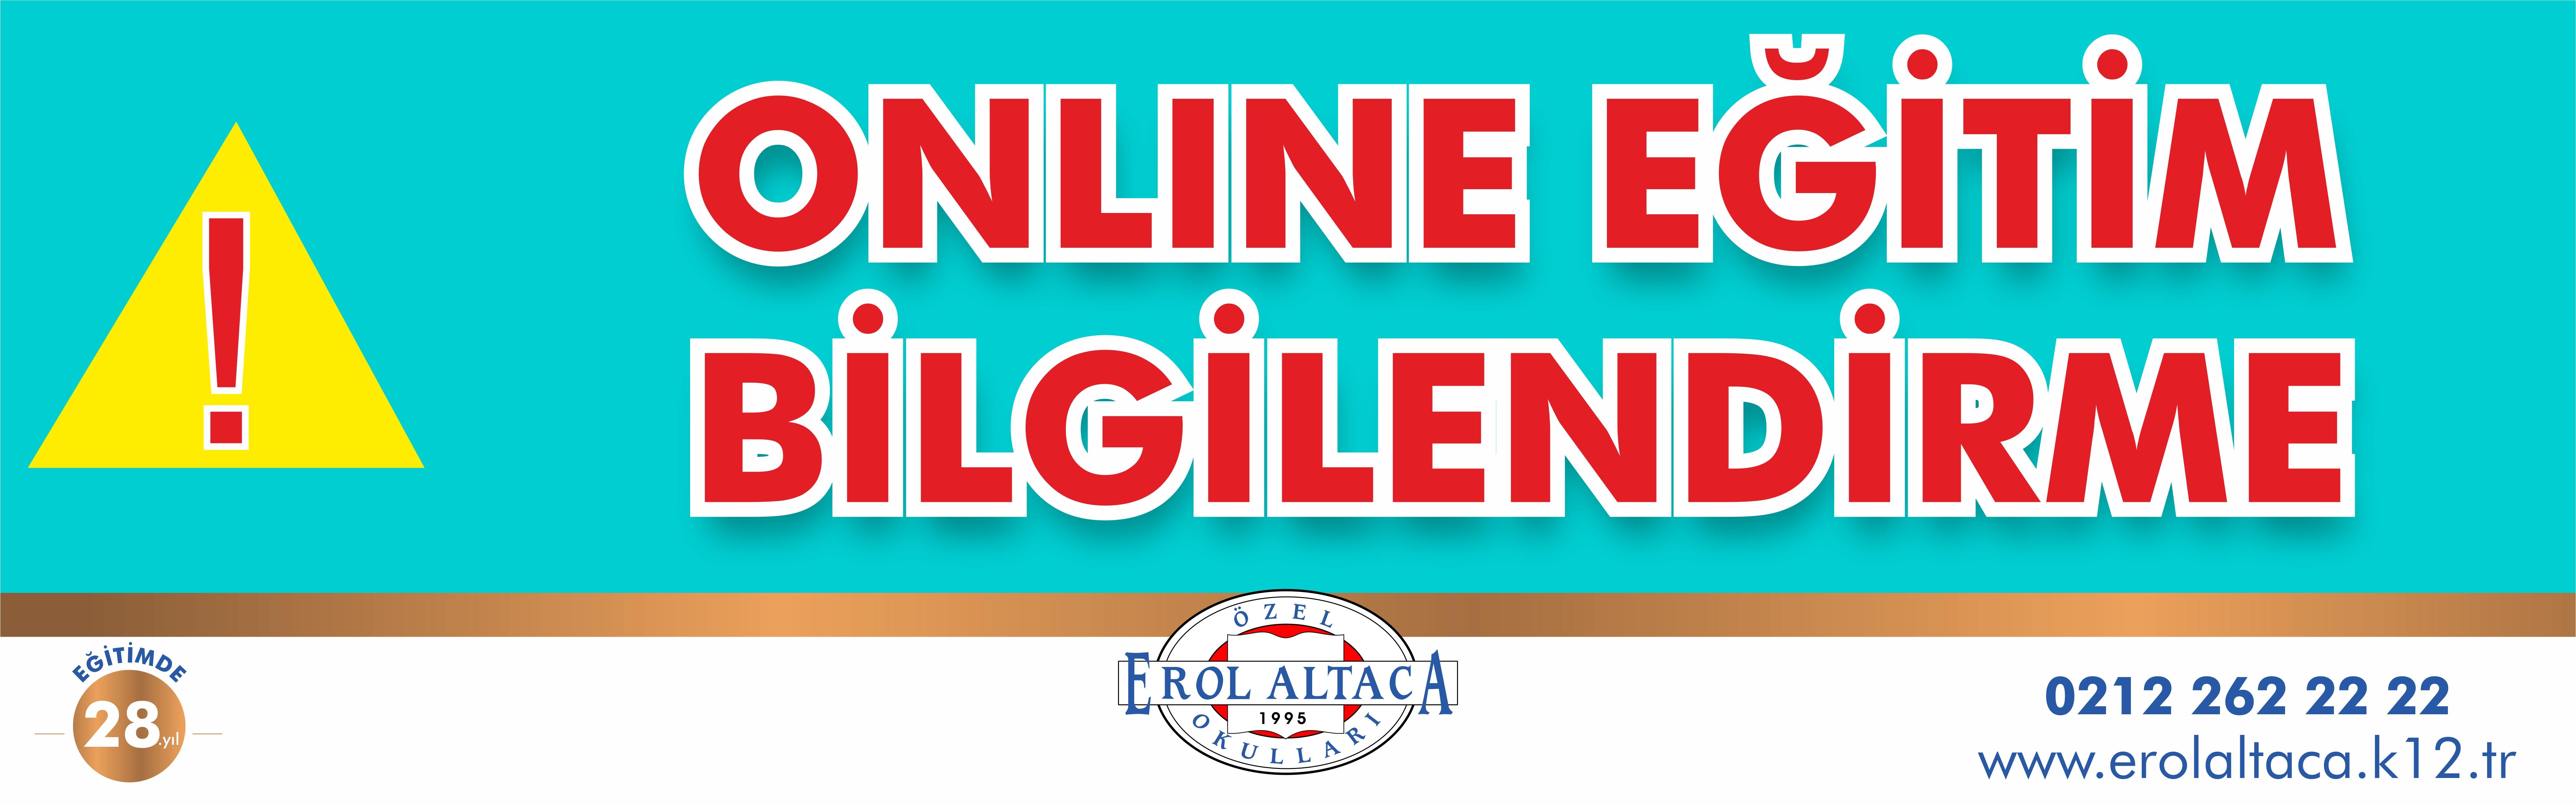 Online Eğitim Bilgilendirme